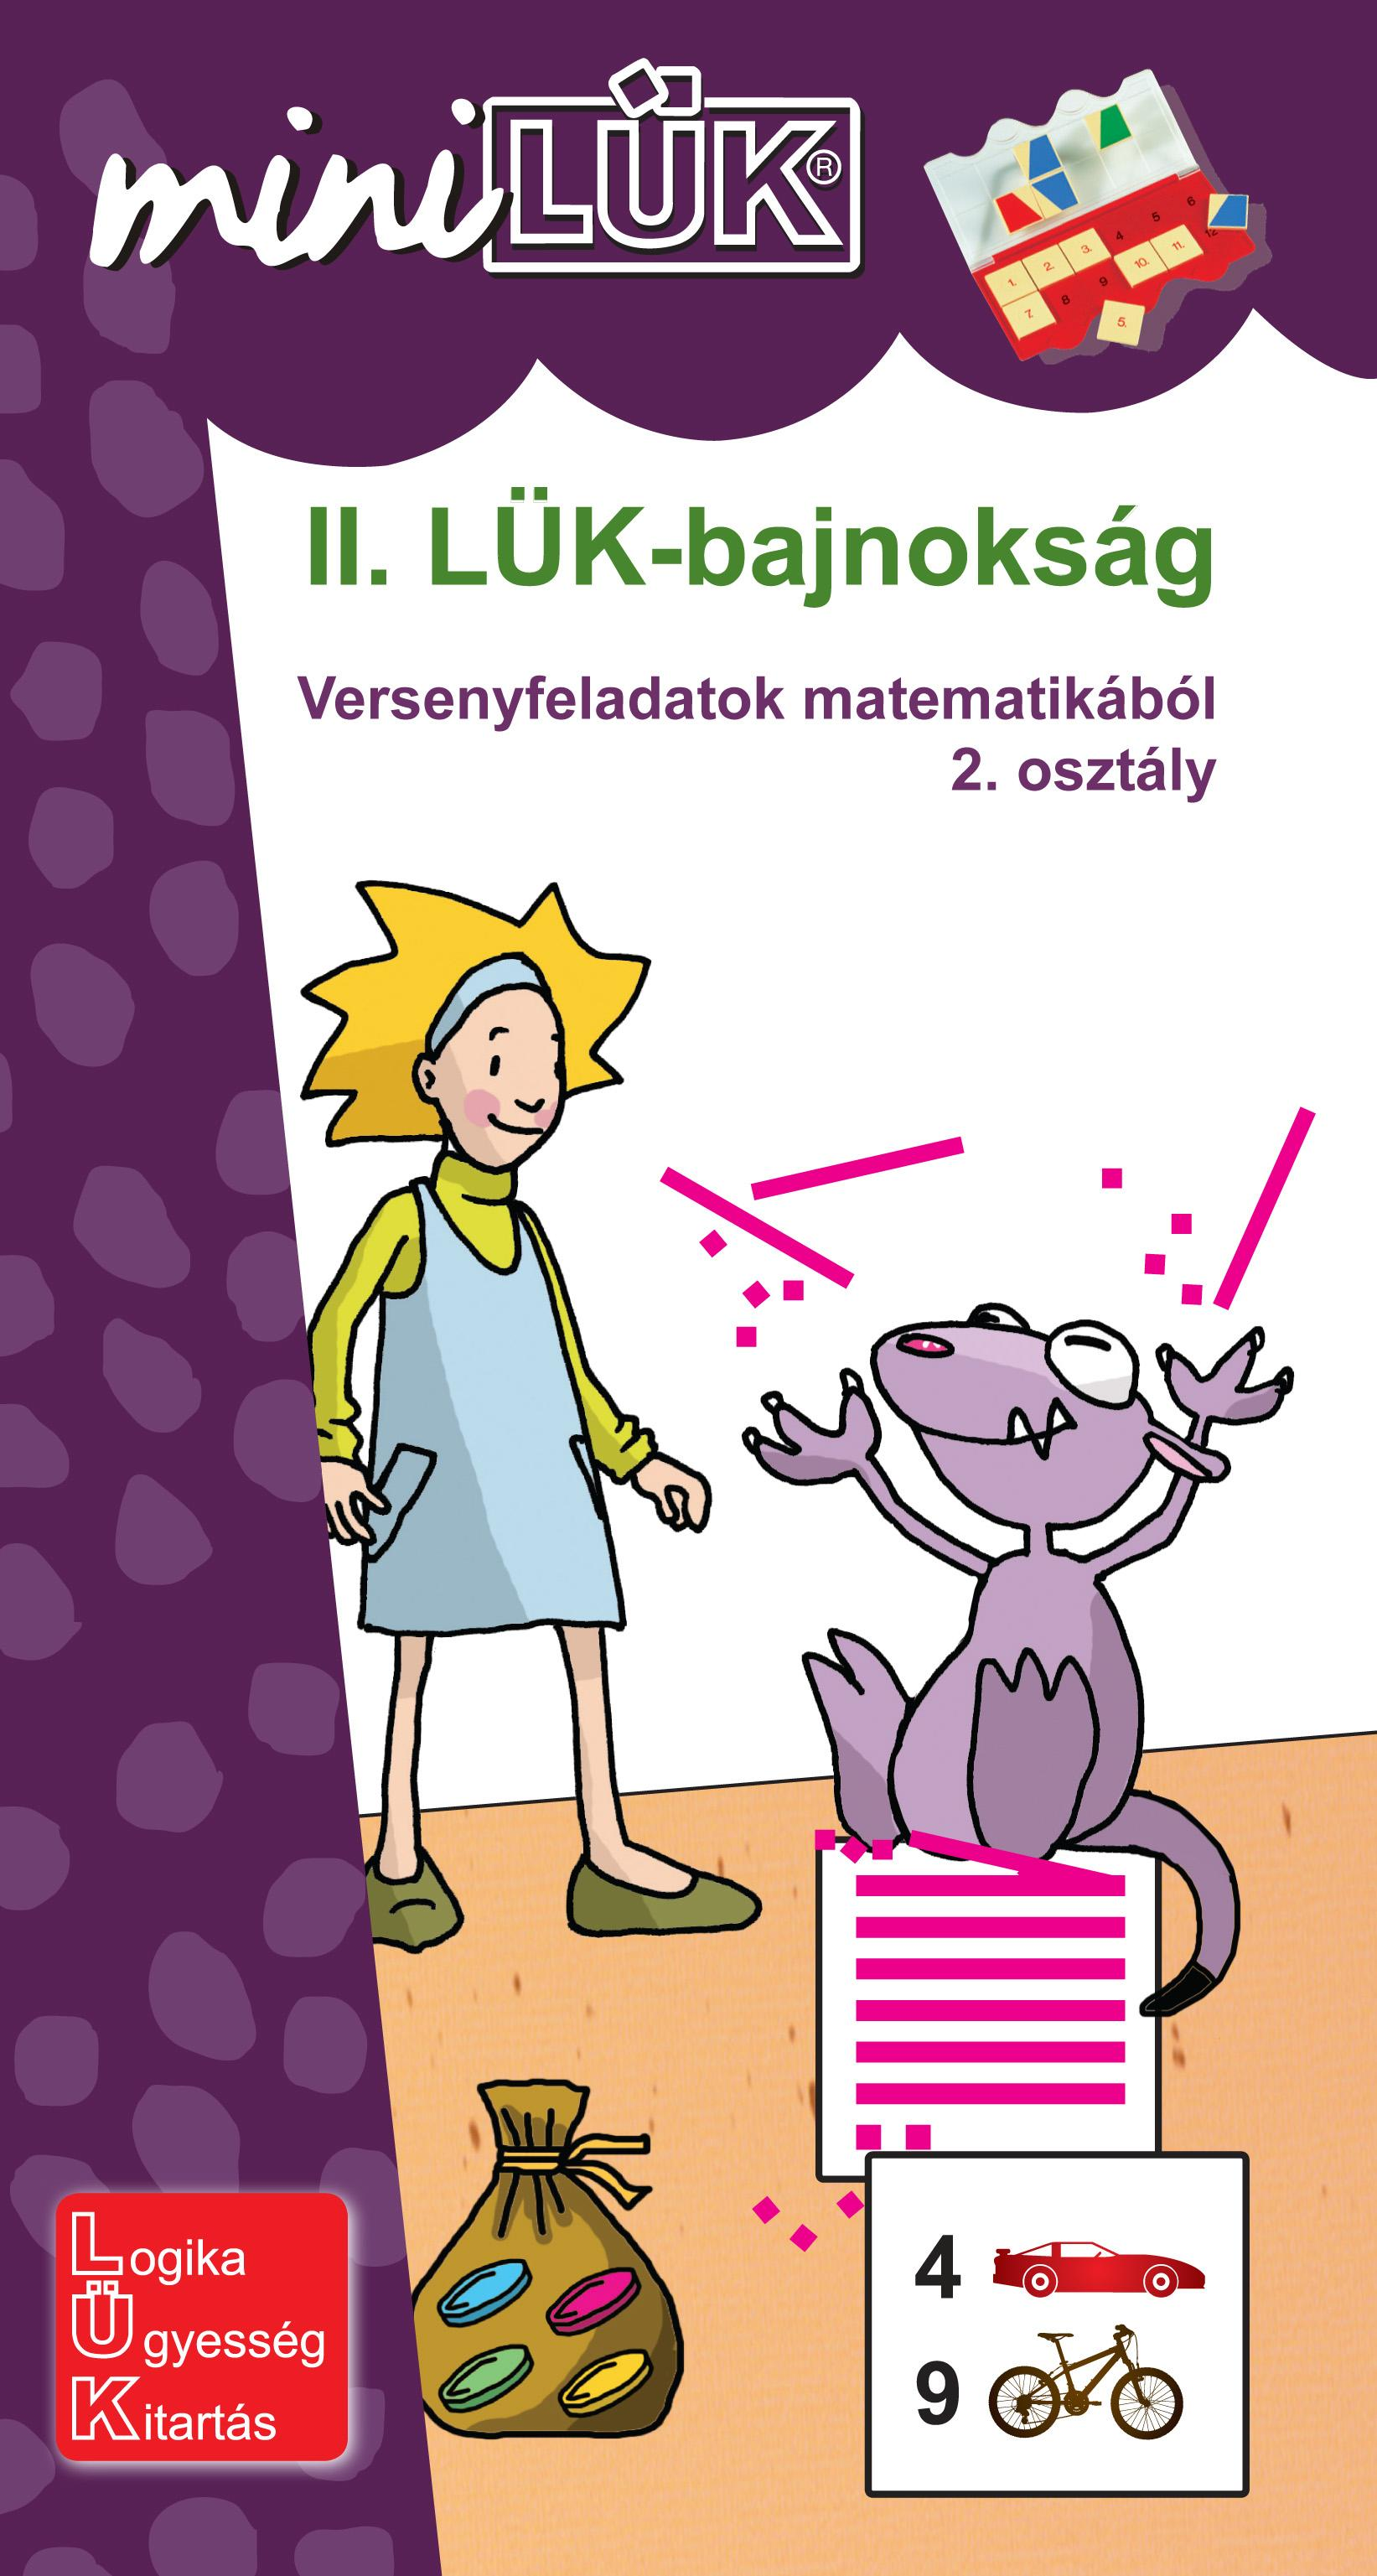 II. LÜK-BAJNOKSÁG - VERSENYFELADATOK MATEMATIKÁBÓL 2. OSZT.